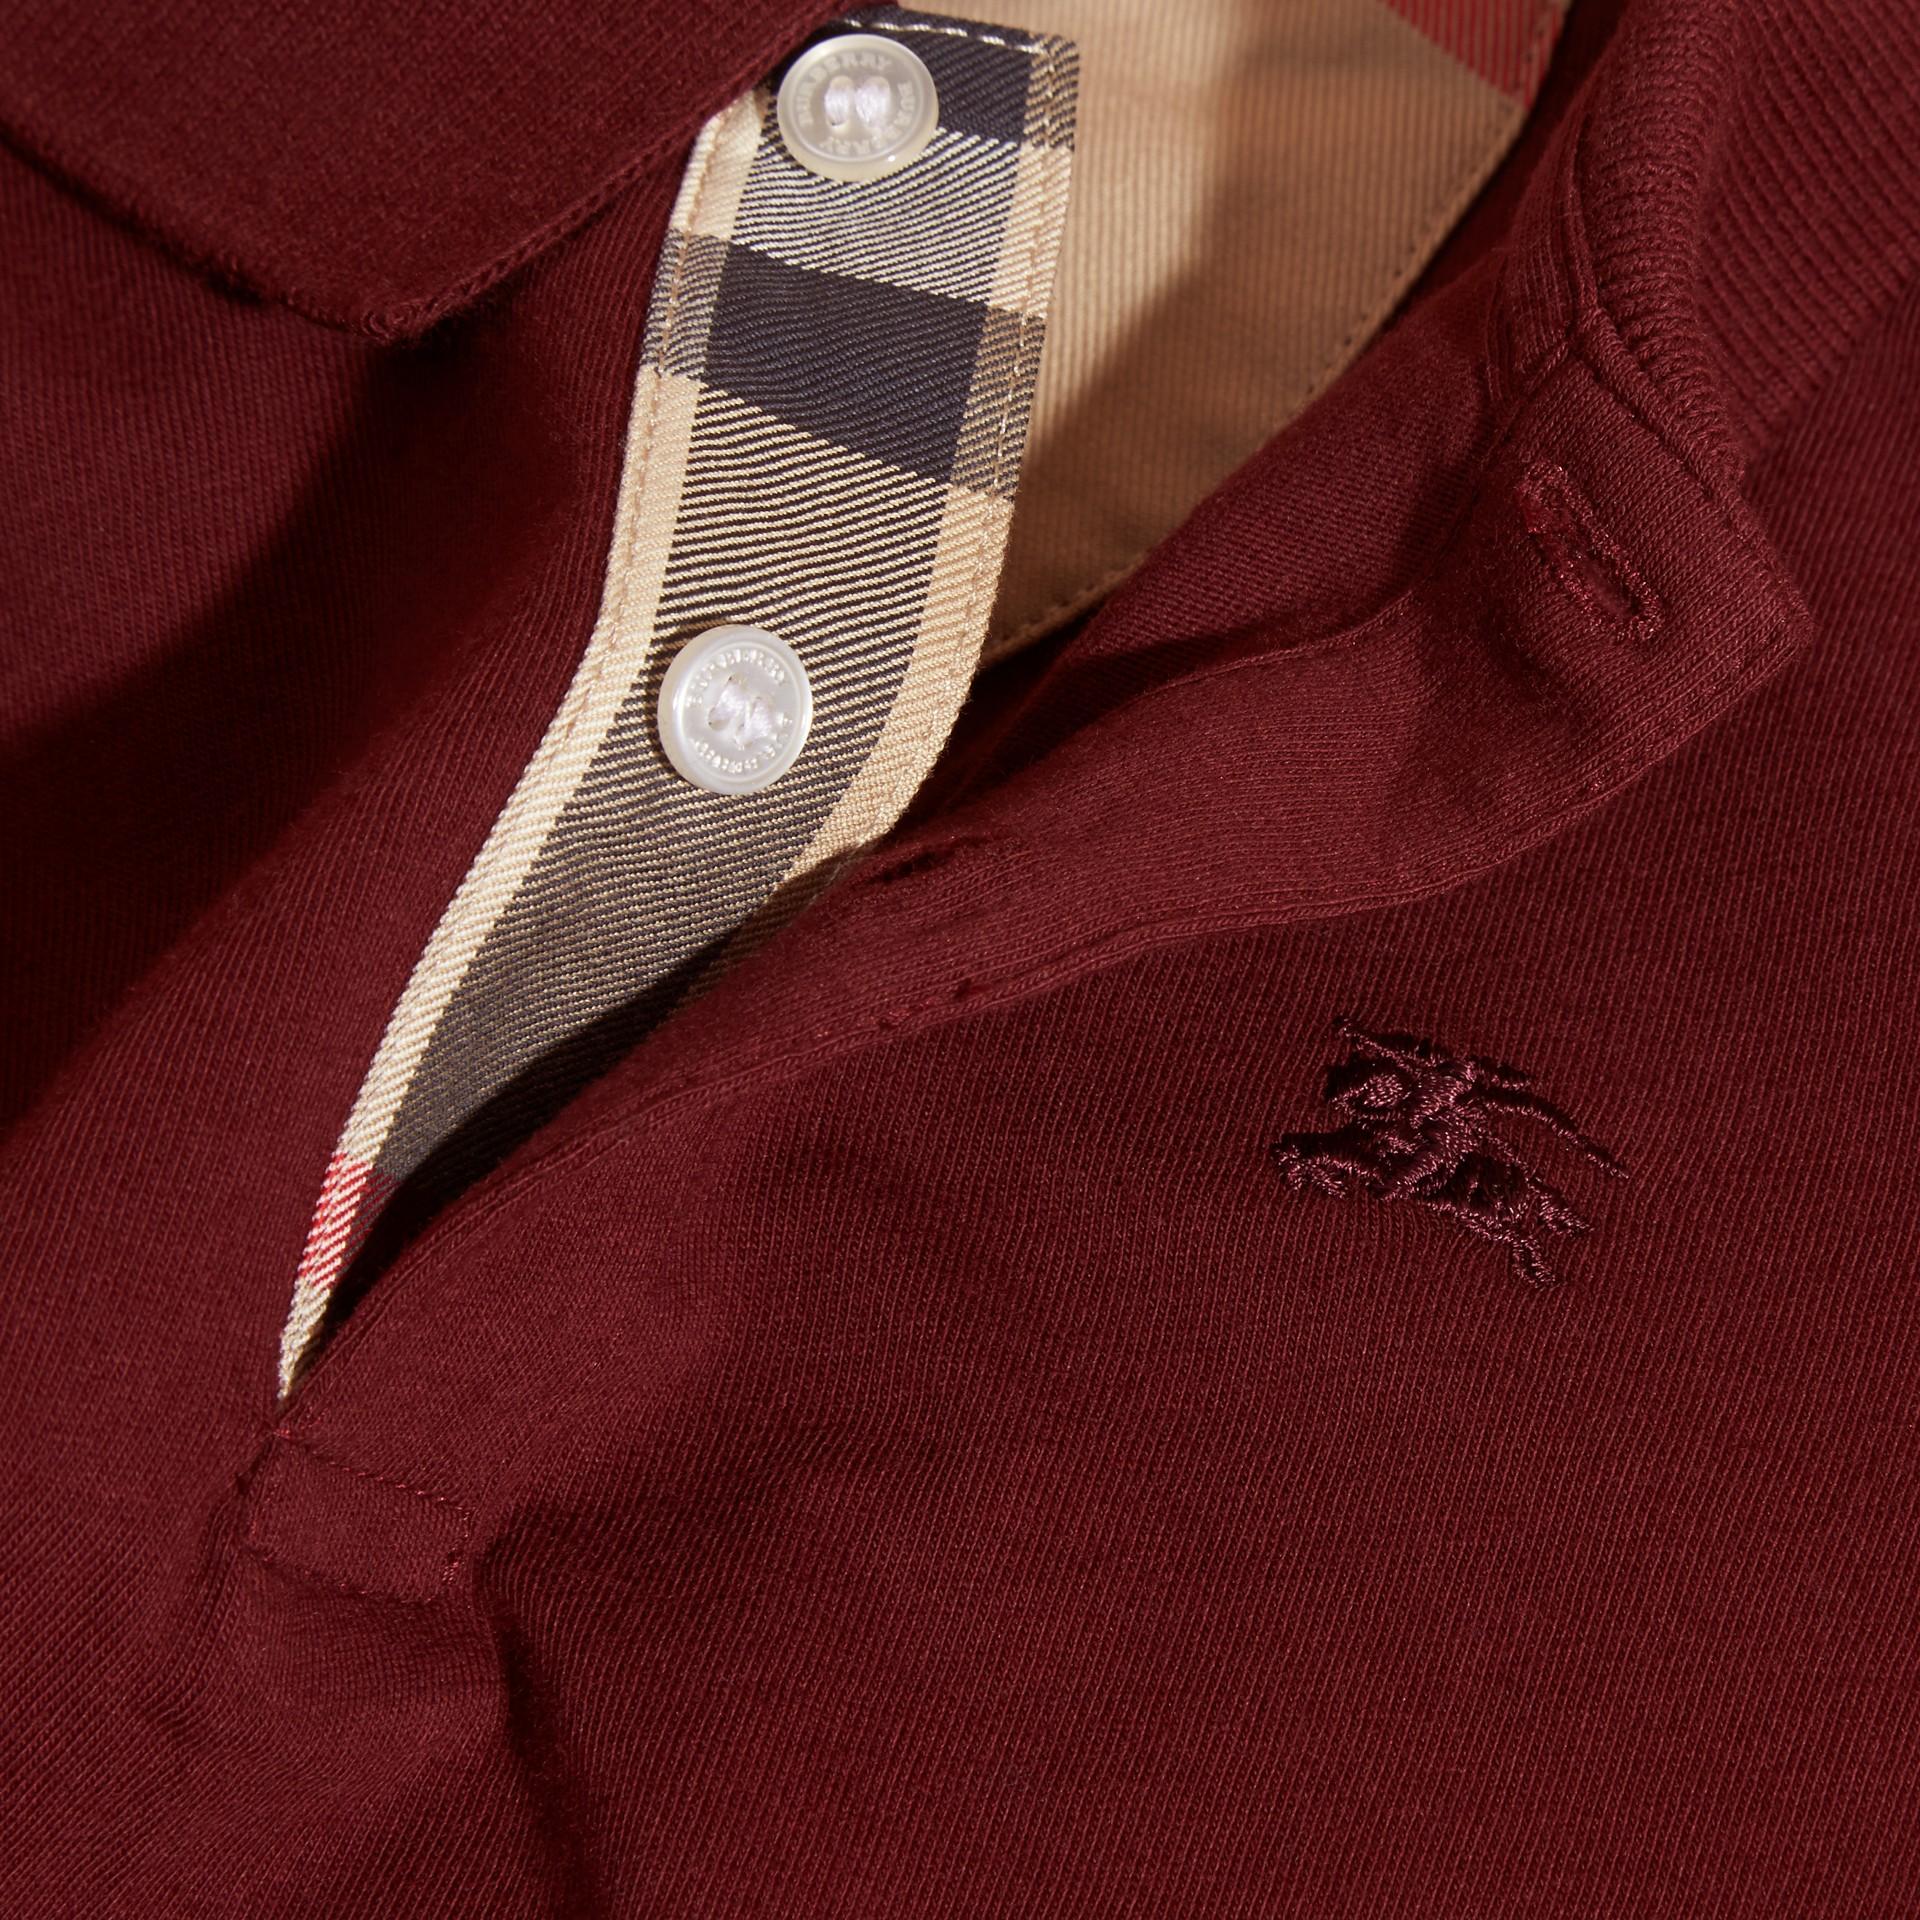 Rosso borgogna Polo in cotone a maniche lunghe Rosso Borgogna - immagine della galleria 2